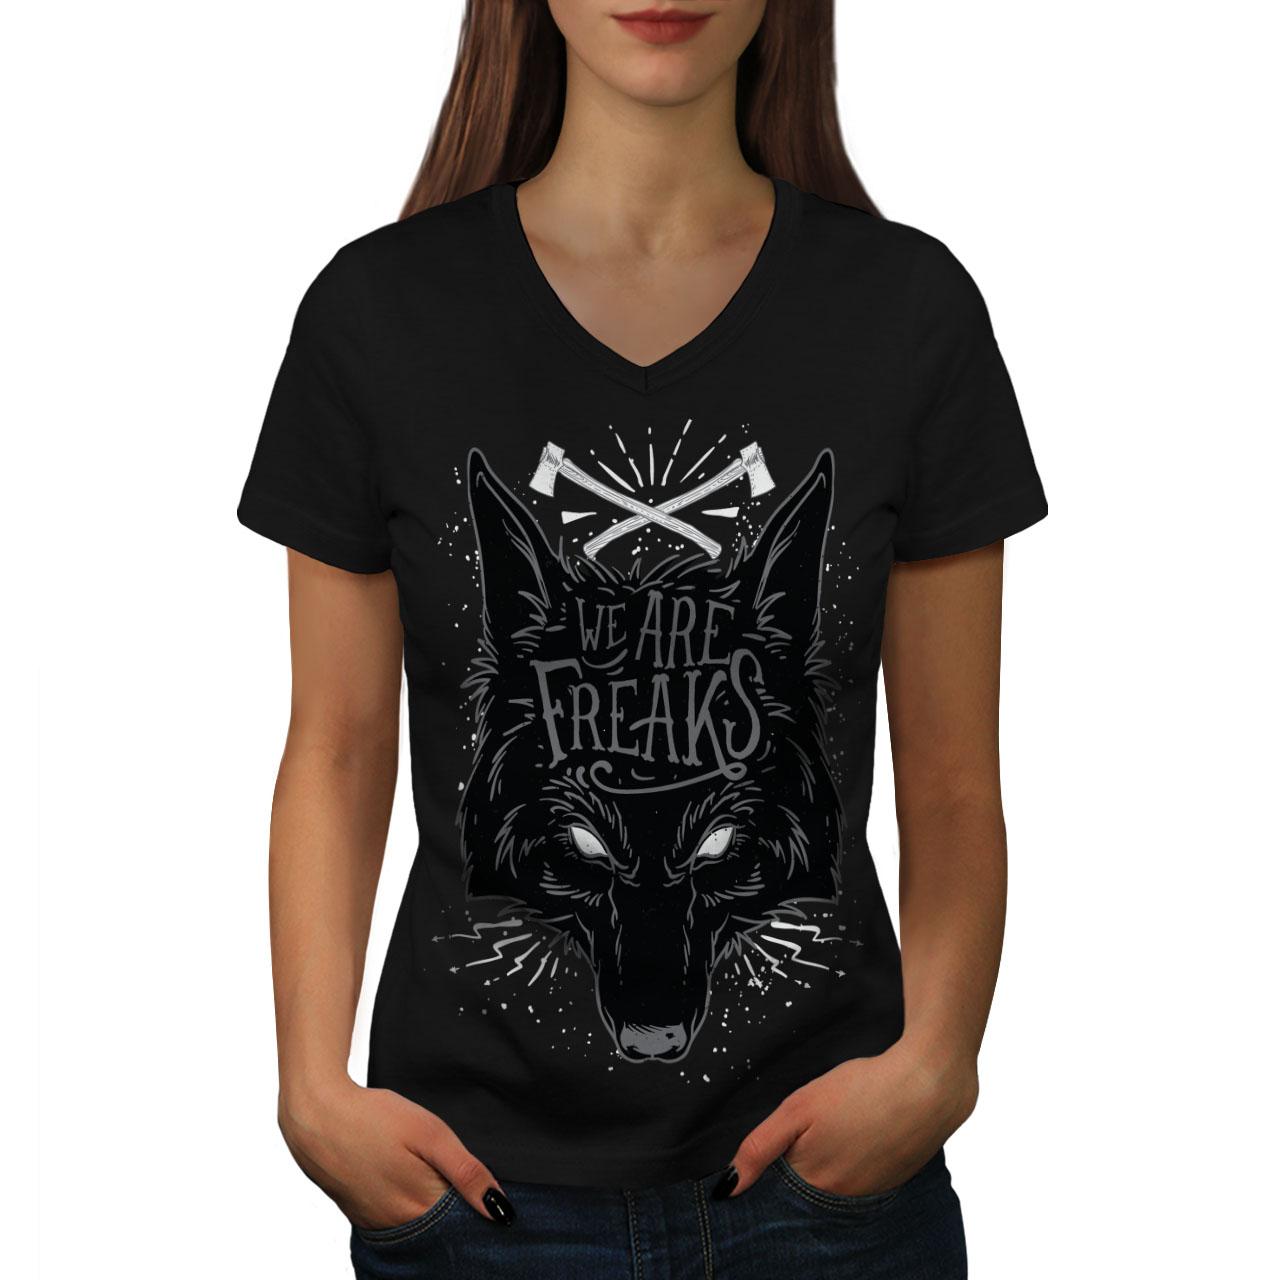 1855b292194 We Are Freaks Wolf Women V-Neck T-shirt NEW